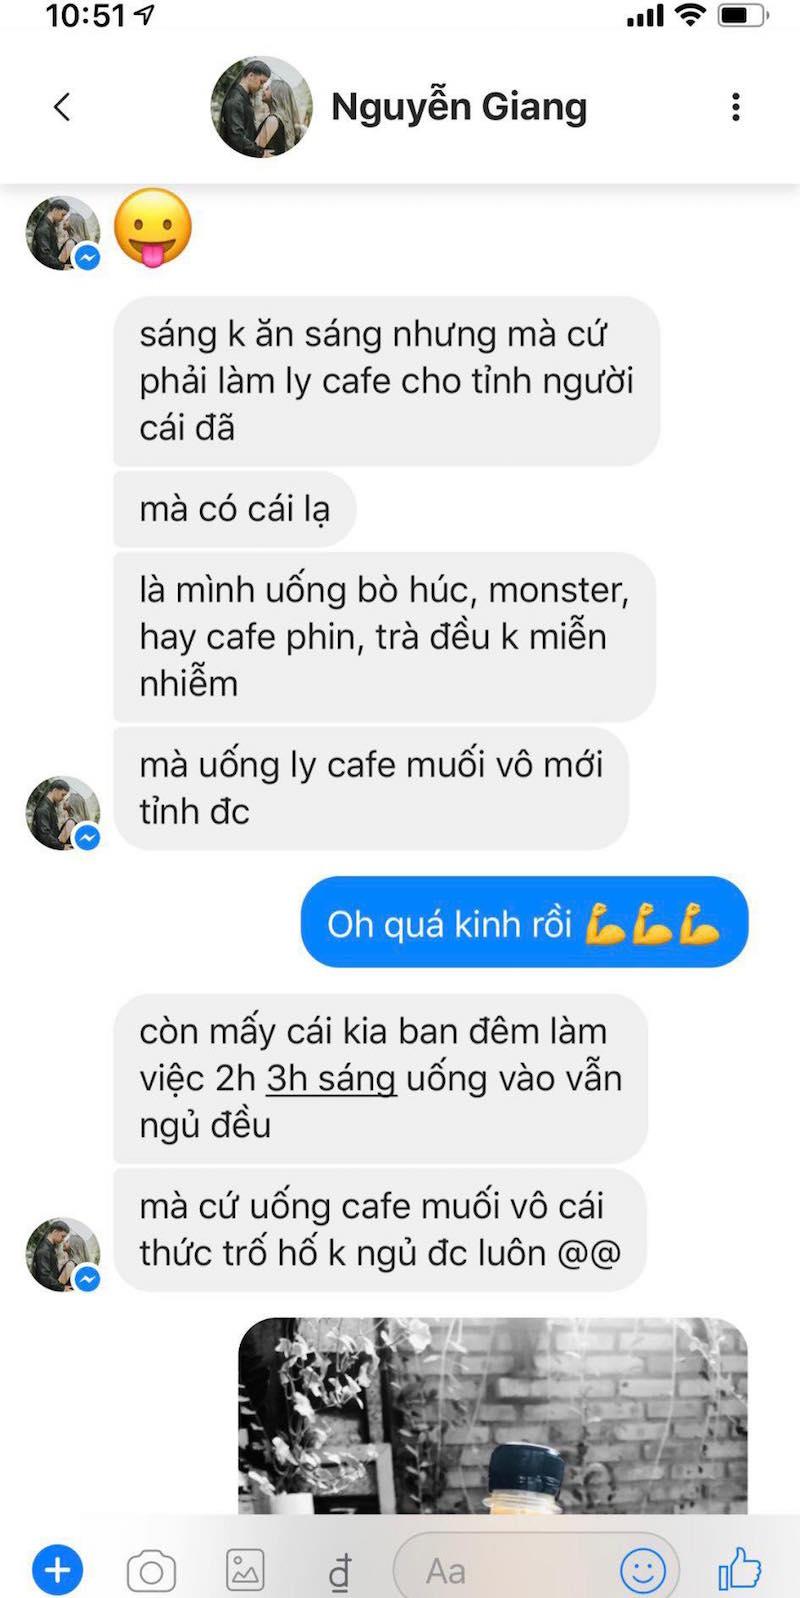 Cô nàng xứ Quảng lấn sang sân kinh doanh mới: Cà phê muối Leo 12